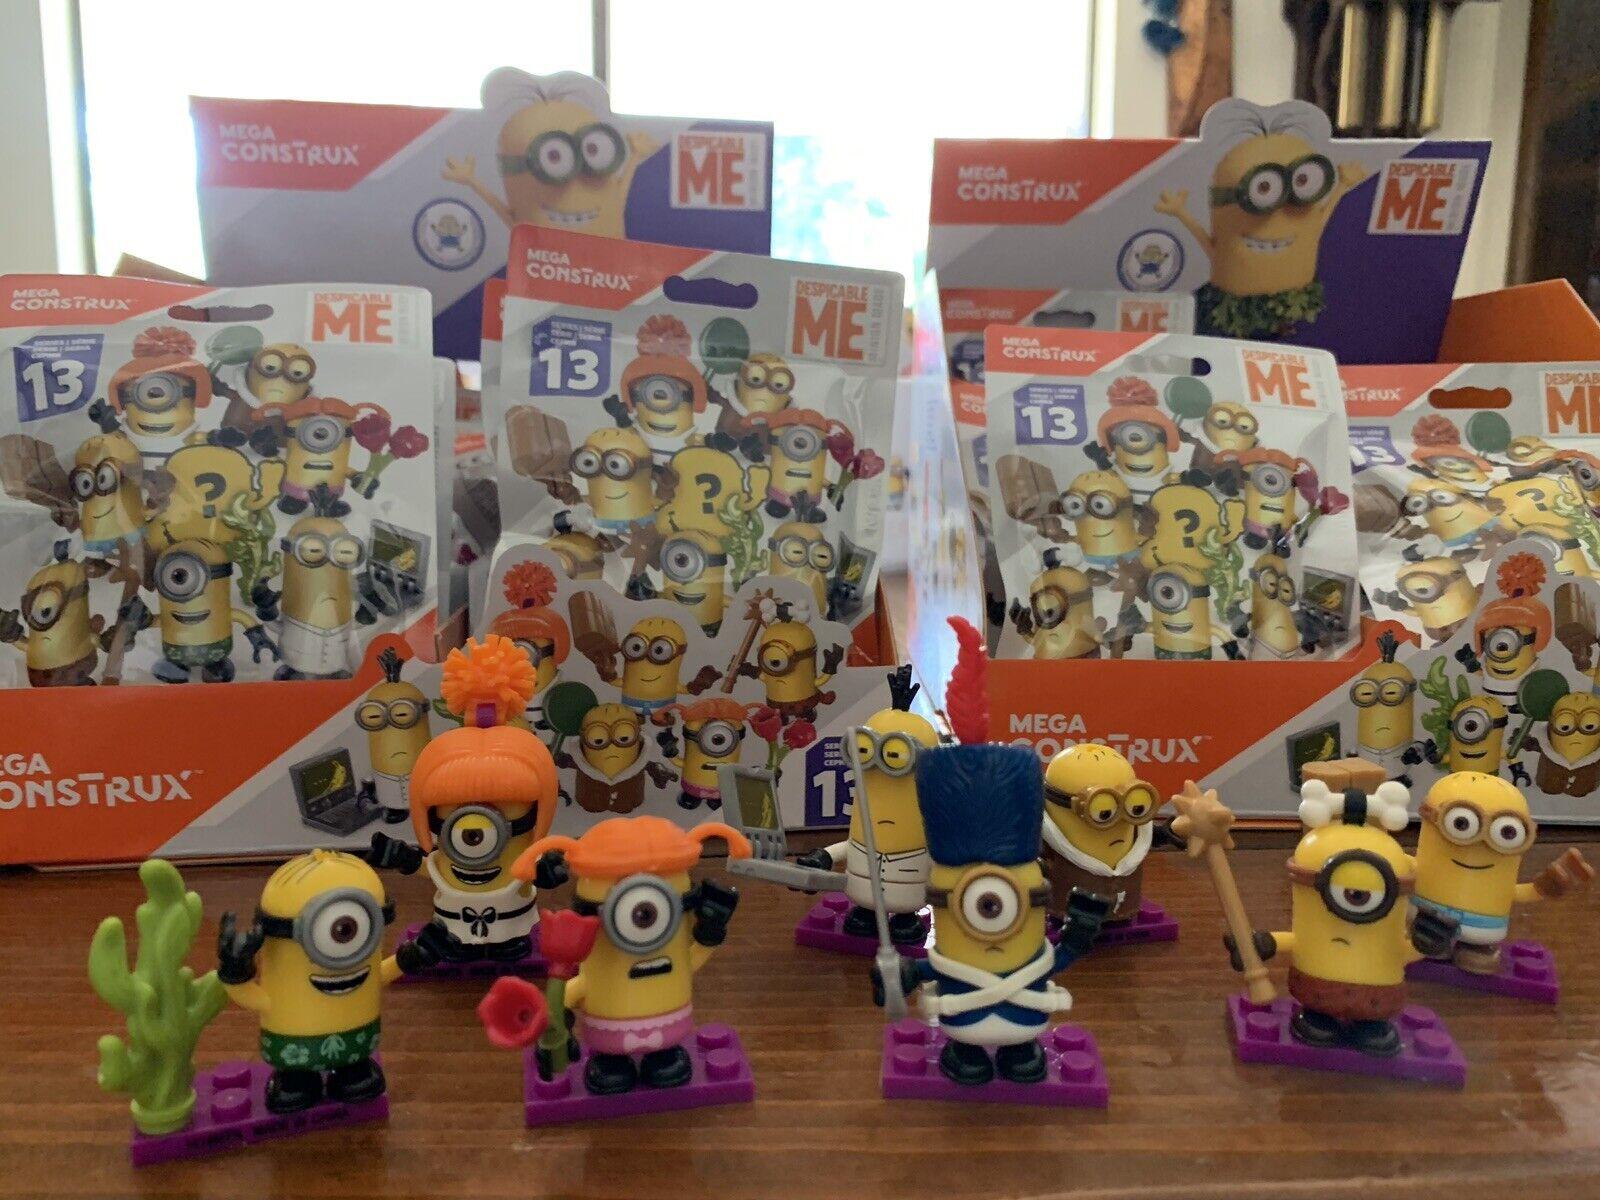 Despicable Me Minions Mega Construx Series 13 Very RARE 7 Unique Codes Minions.